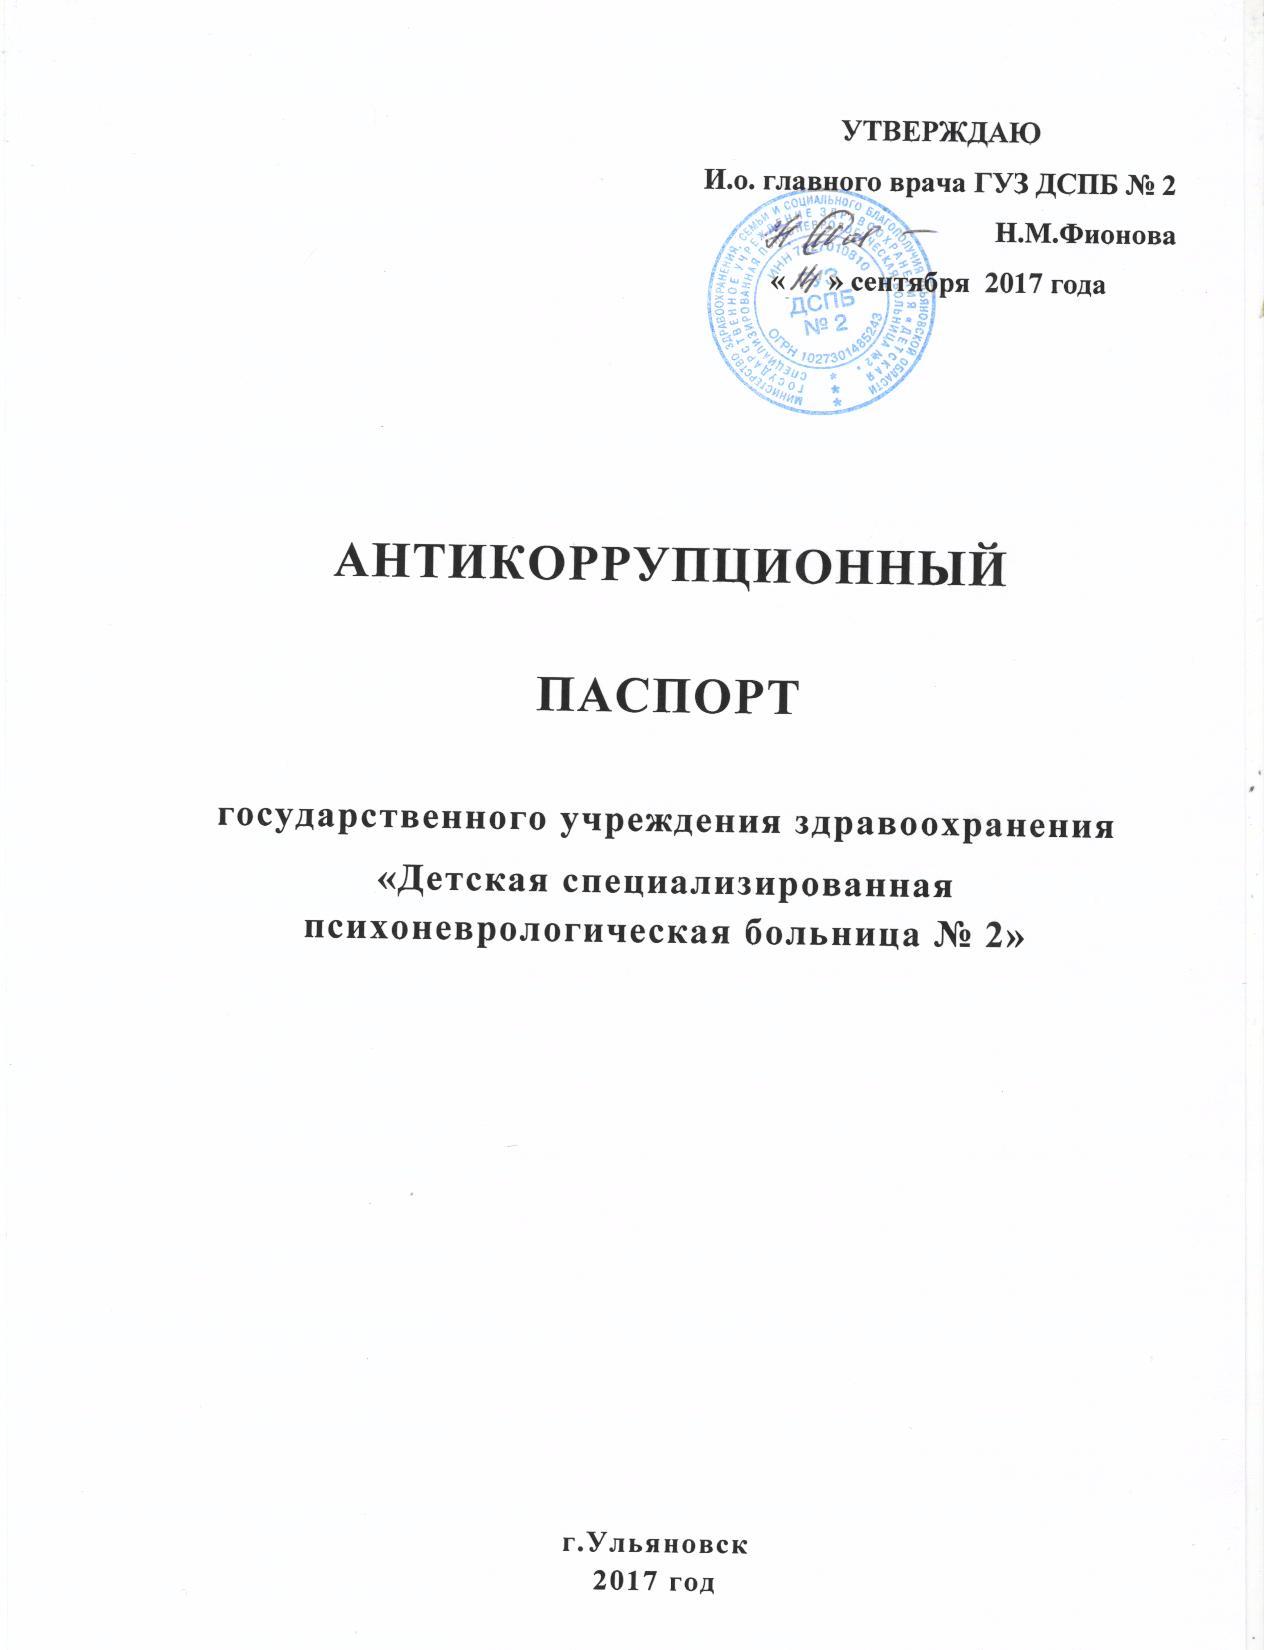 Антикоррупционный паспорт